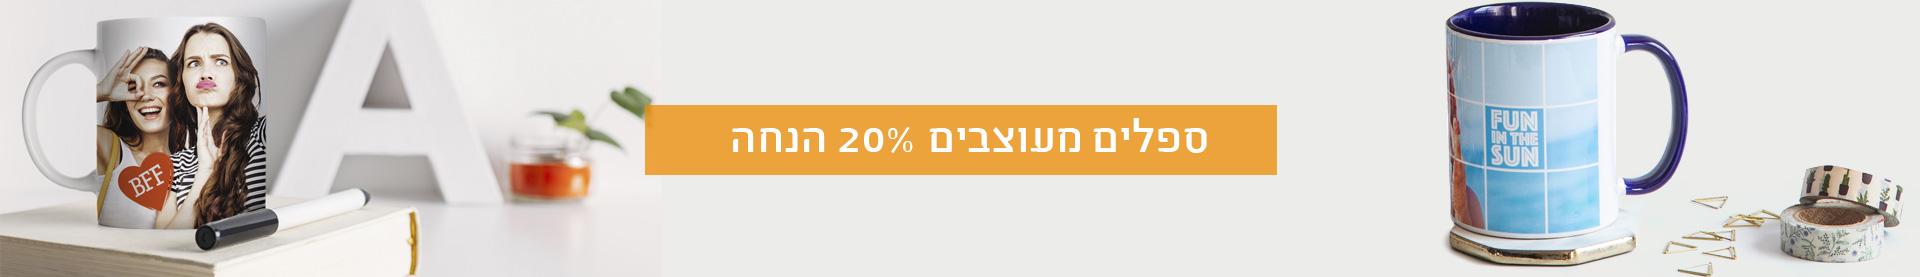 ספלים מעוצבים 20% הנחה